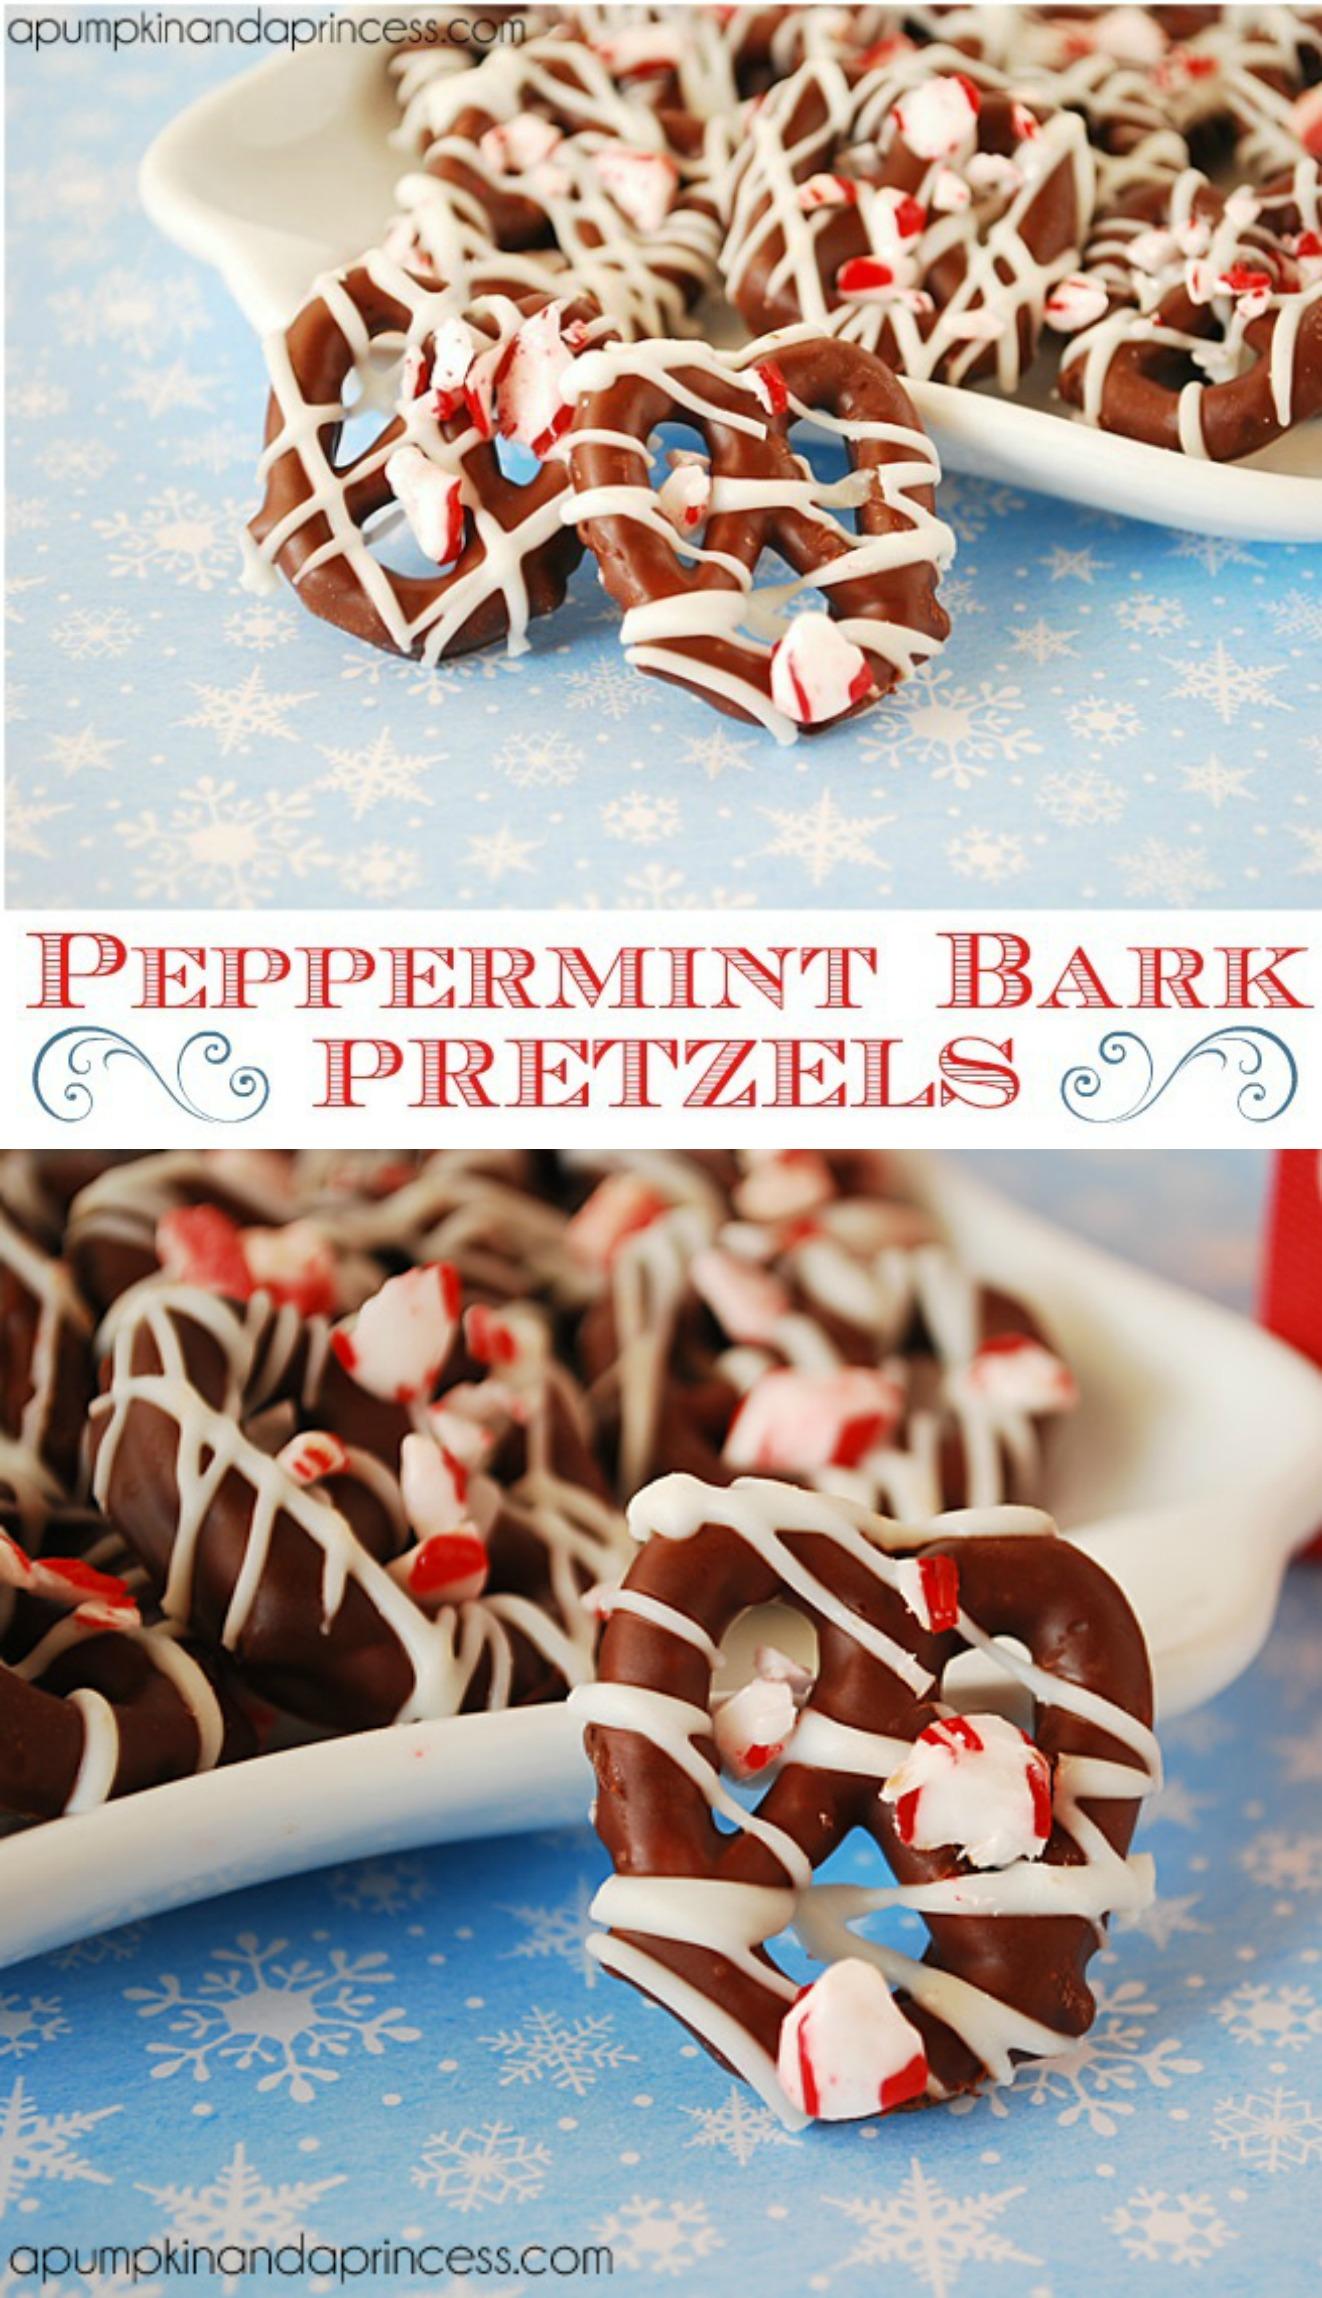 Peppermint Bark Pretzels Recipe